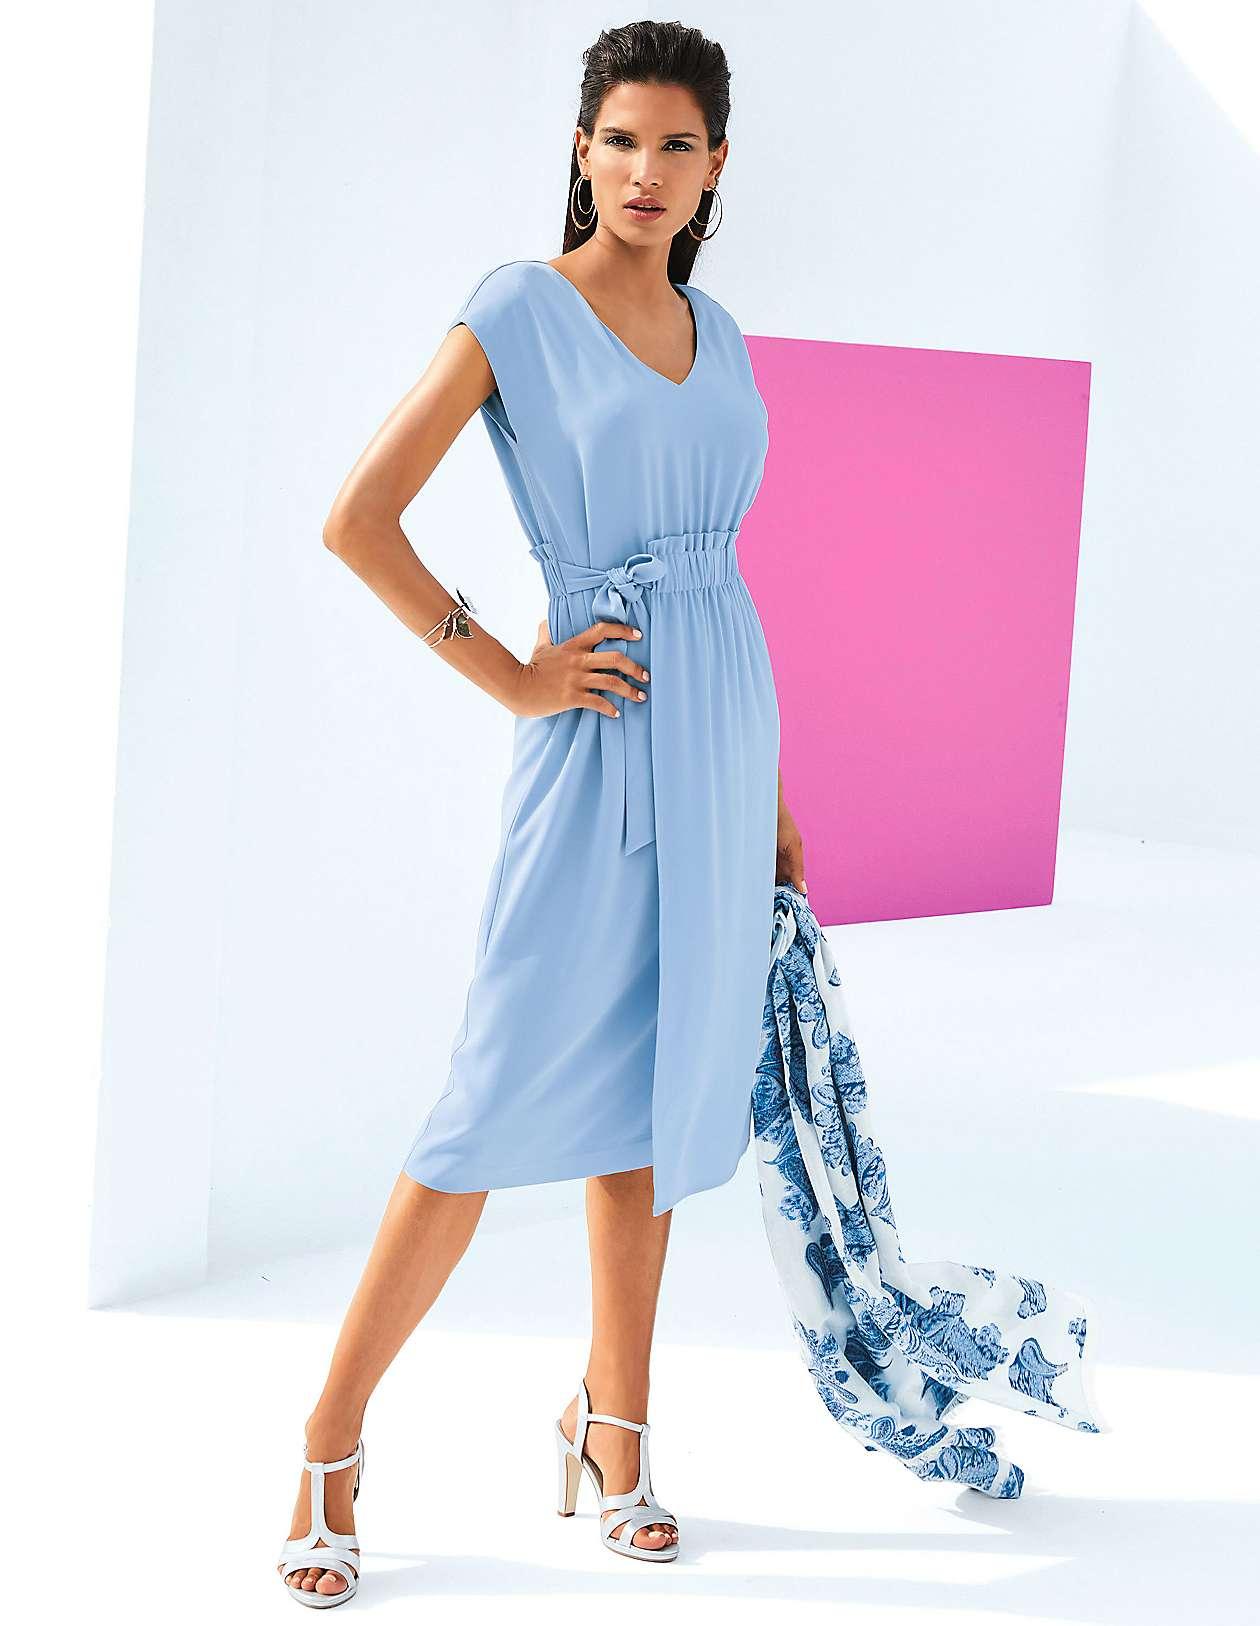 42e0dda0b768 Elegante Kleider für stilvolle Auftritte bestellen   MADELEINE Mode